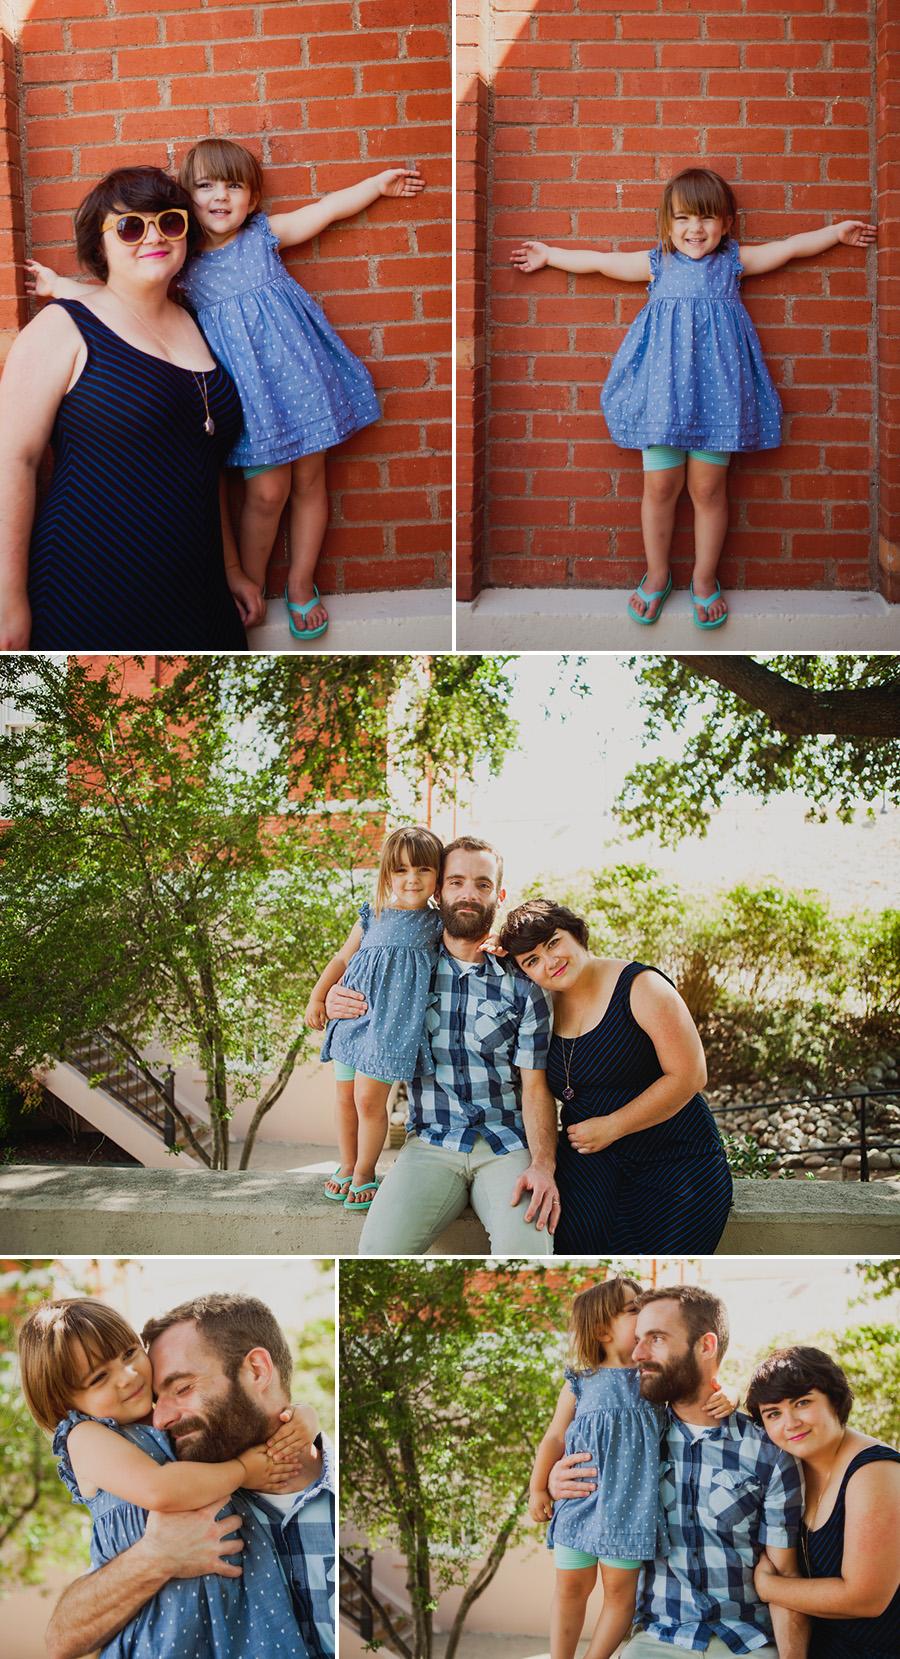 DallasFamilyPhotographer4.jpg